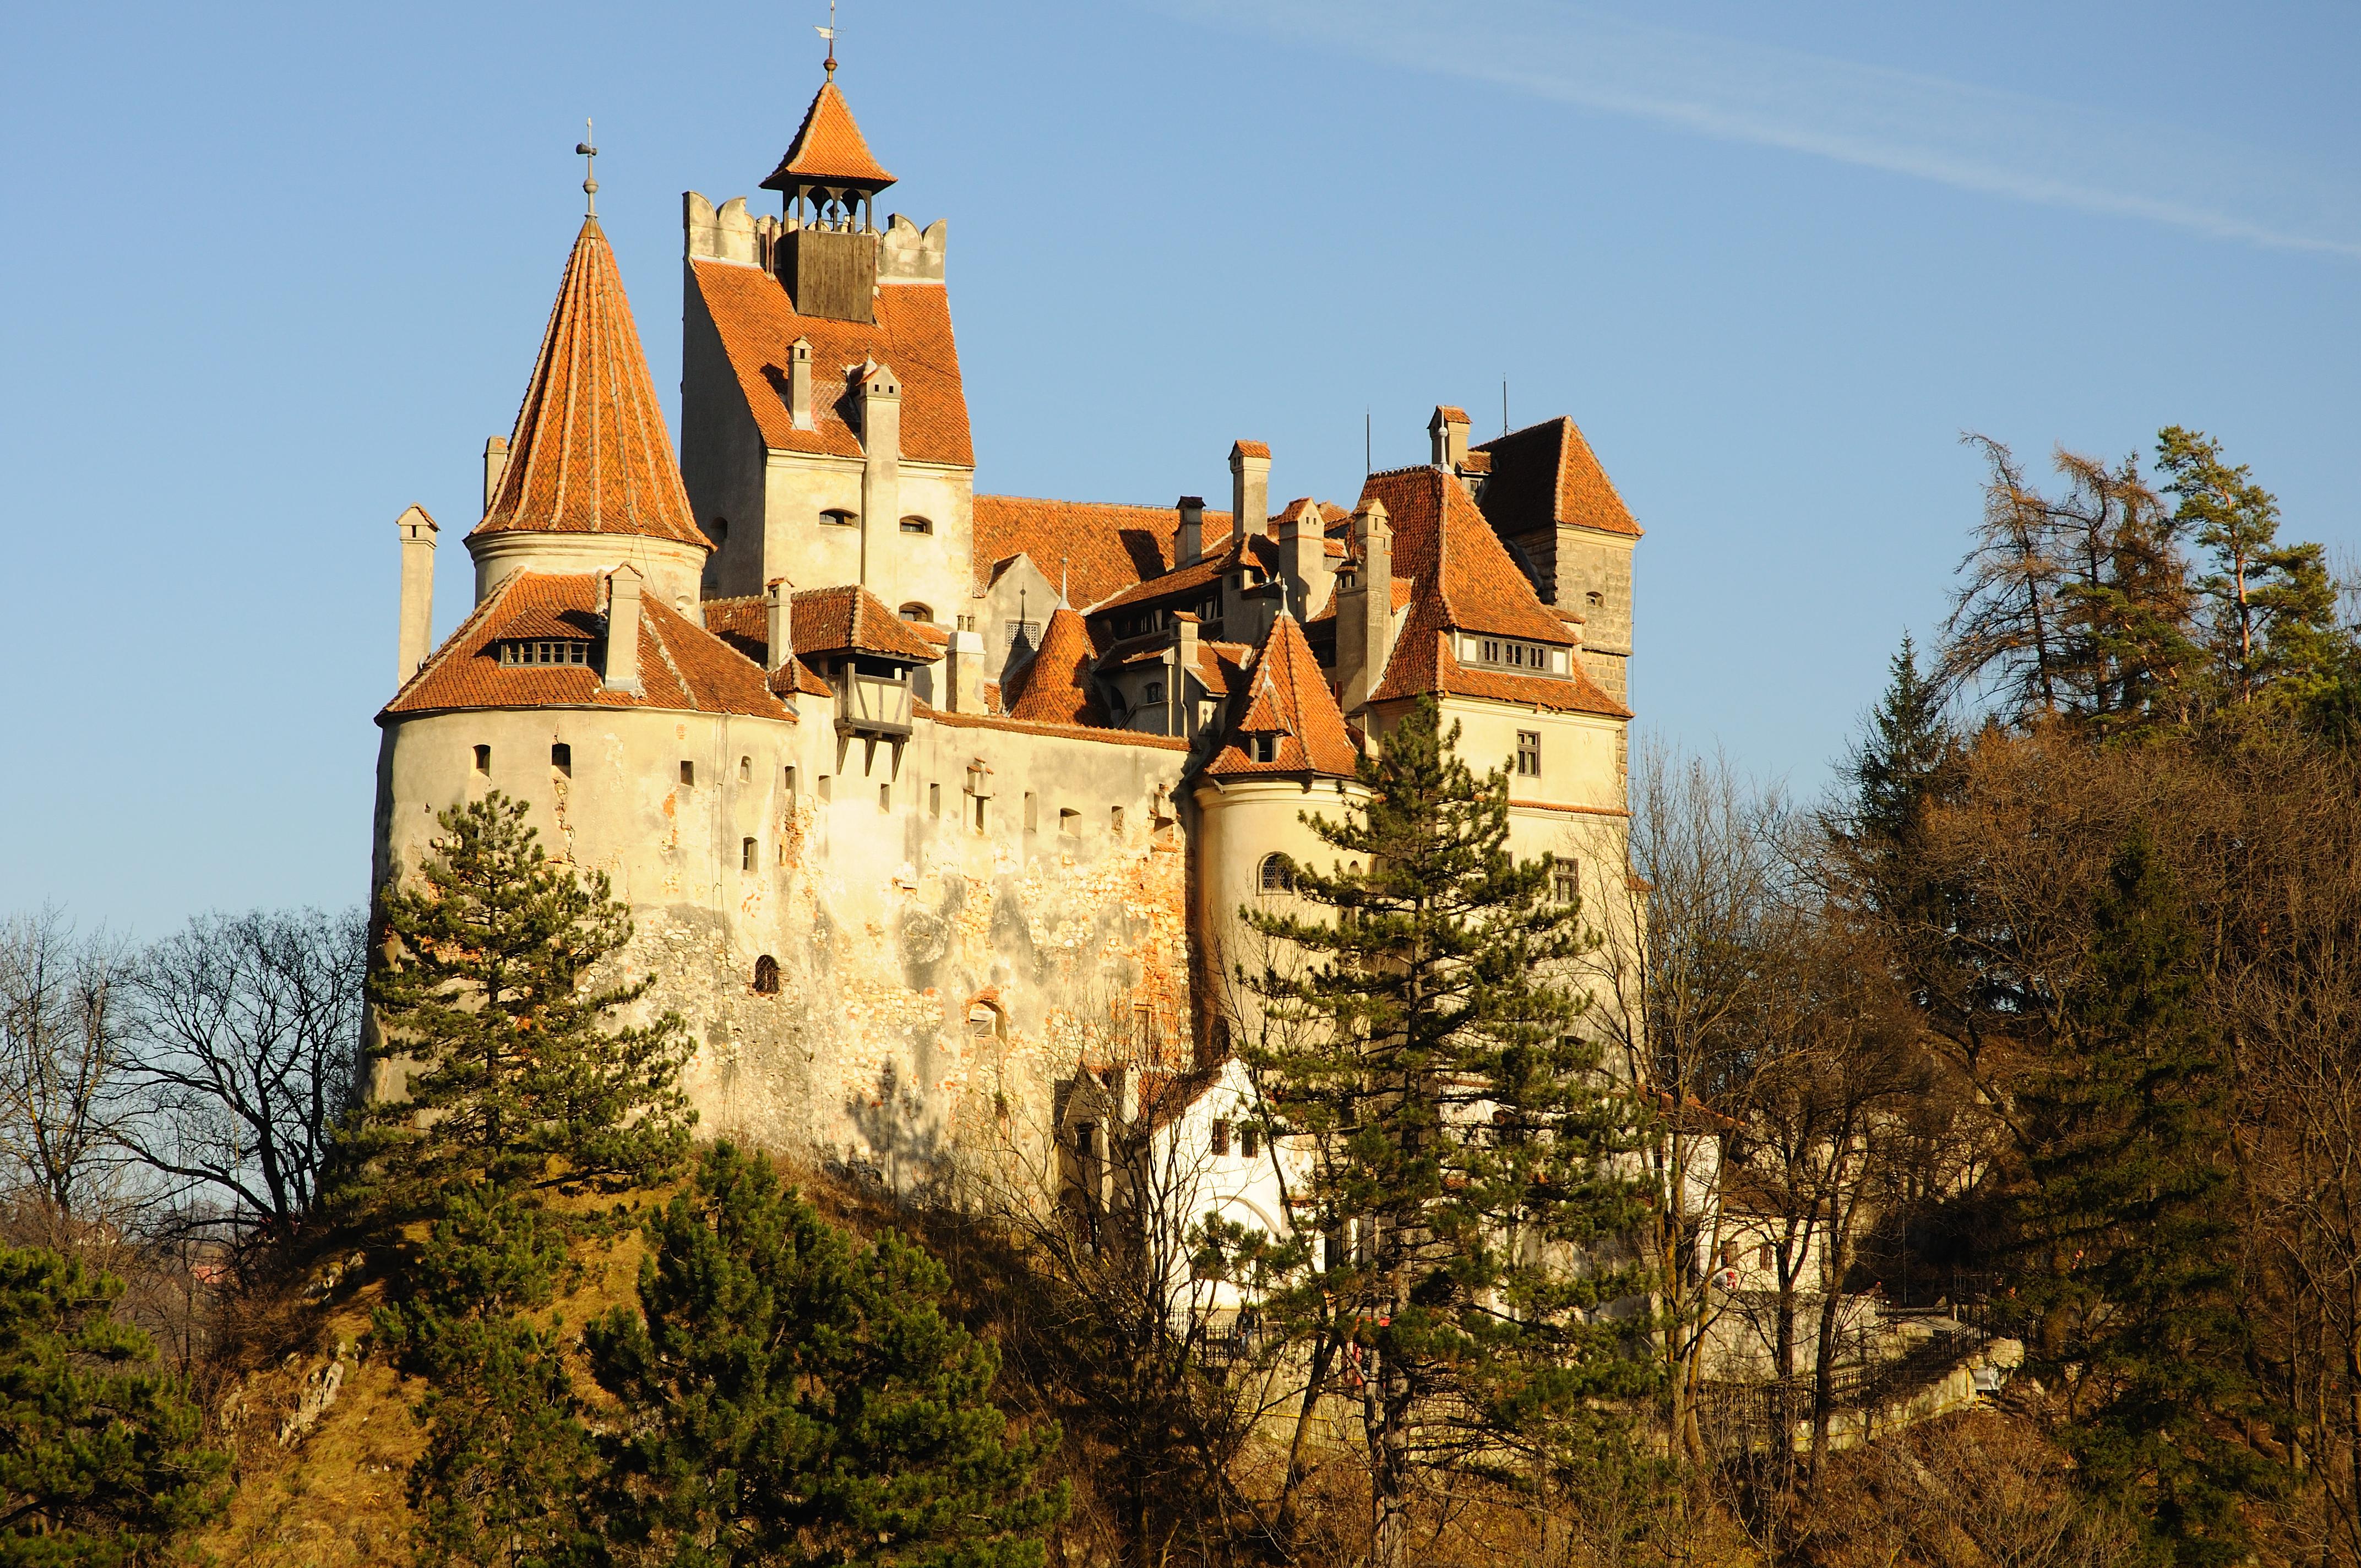 El castillo de Drácula en el que nunca habitó - Rumanía Circuito Lo mejor de Rumanía y Bulgaria